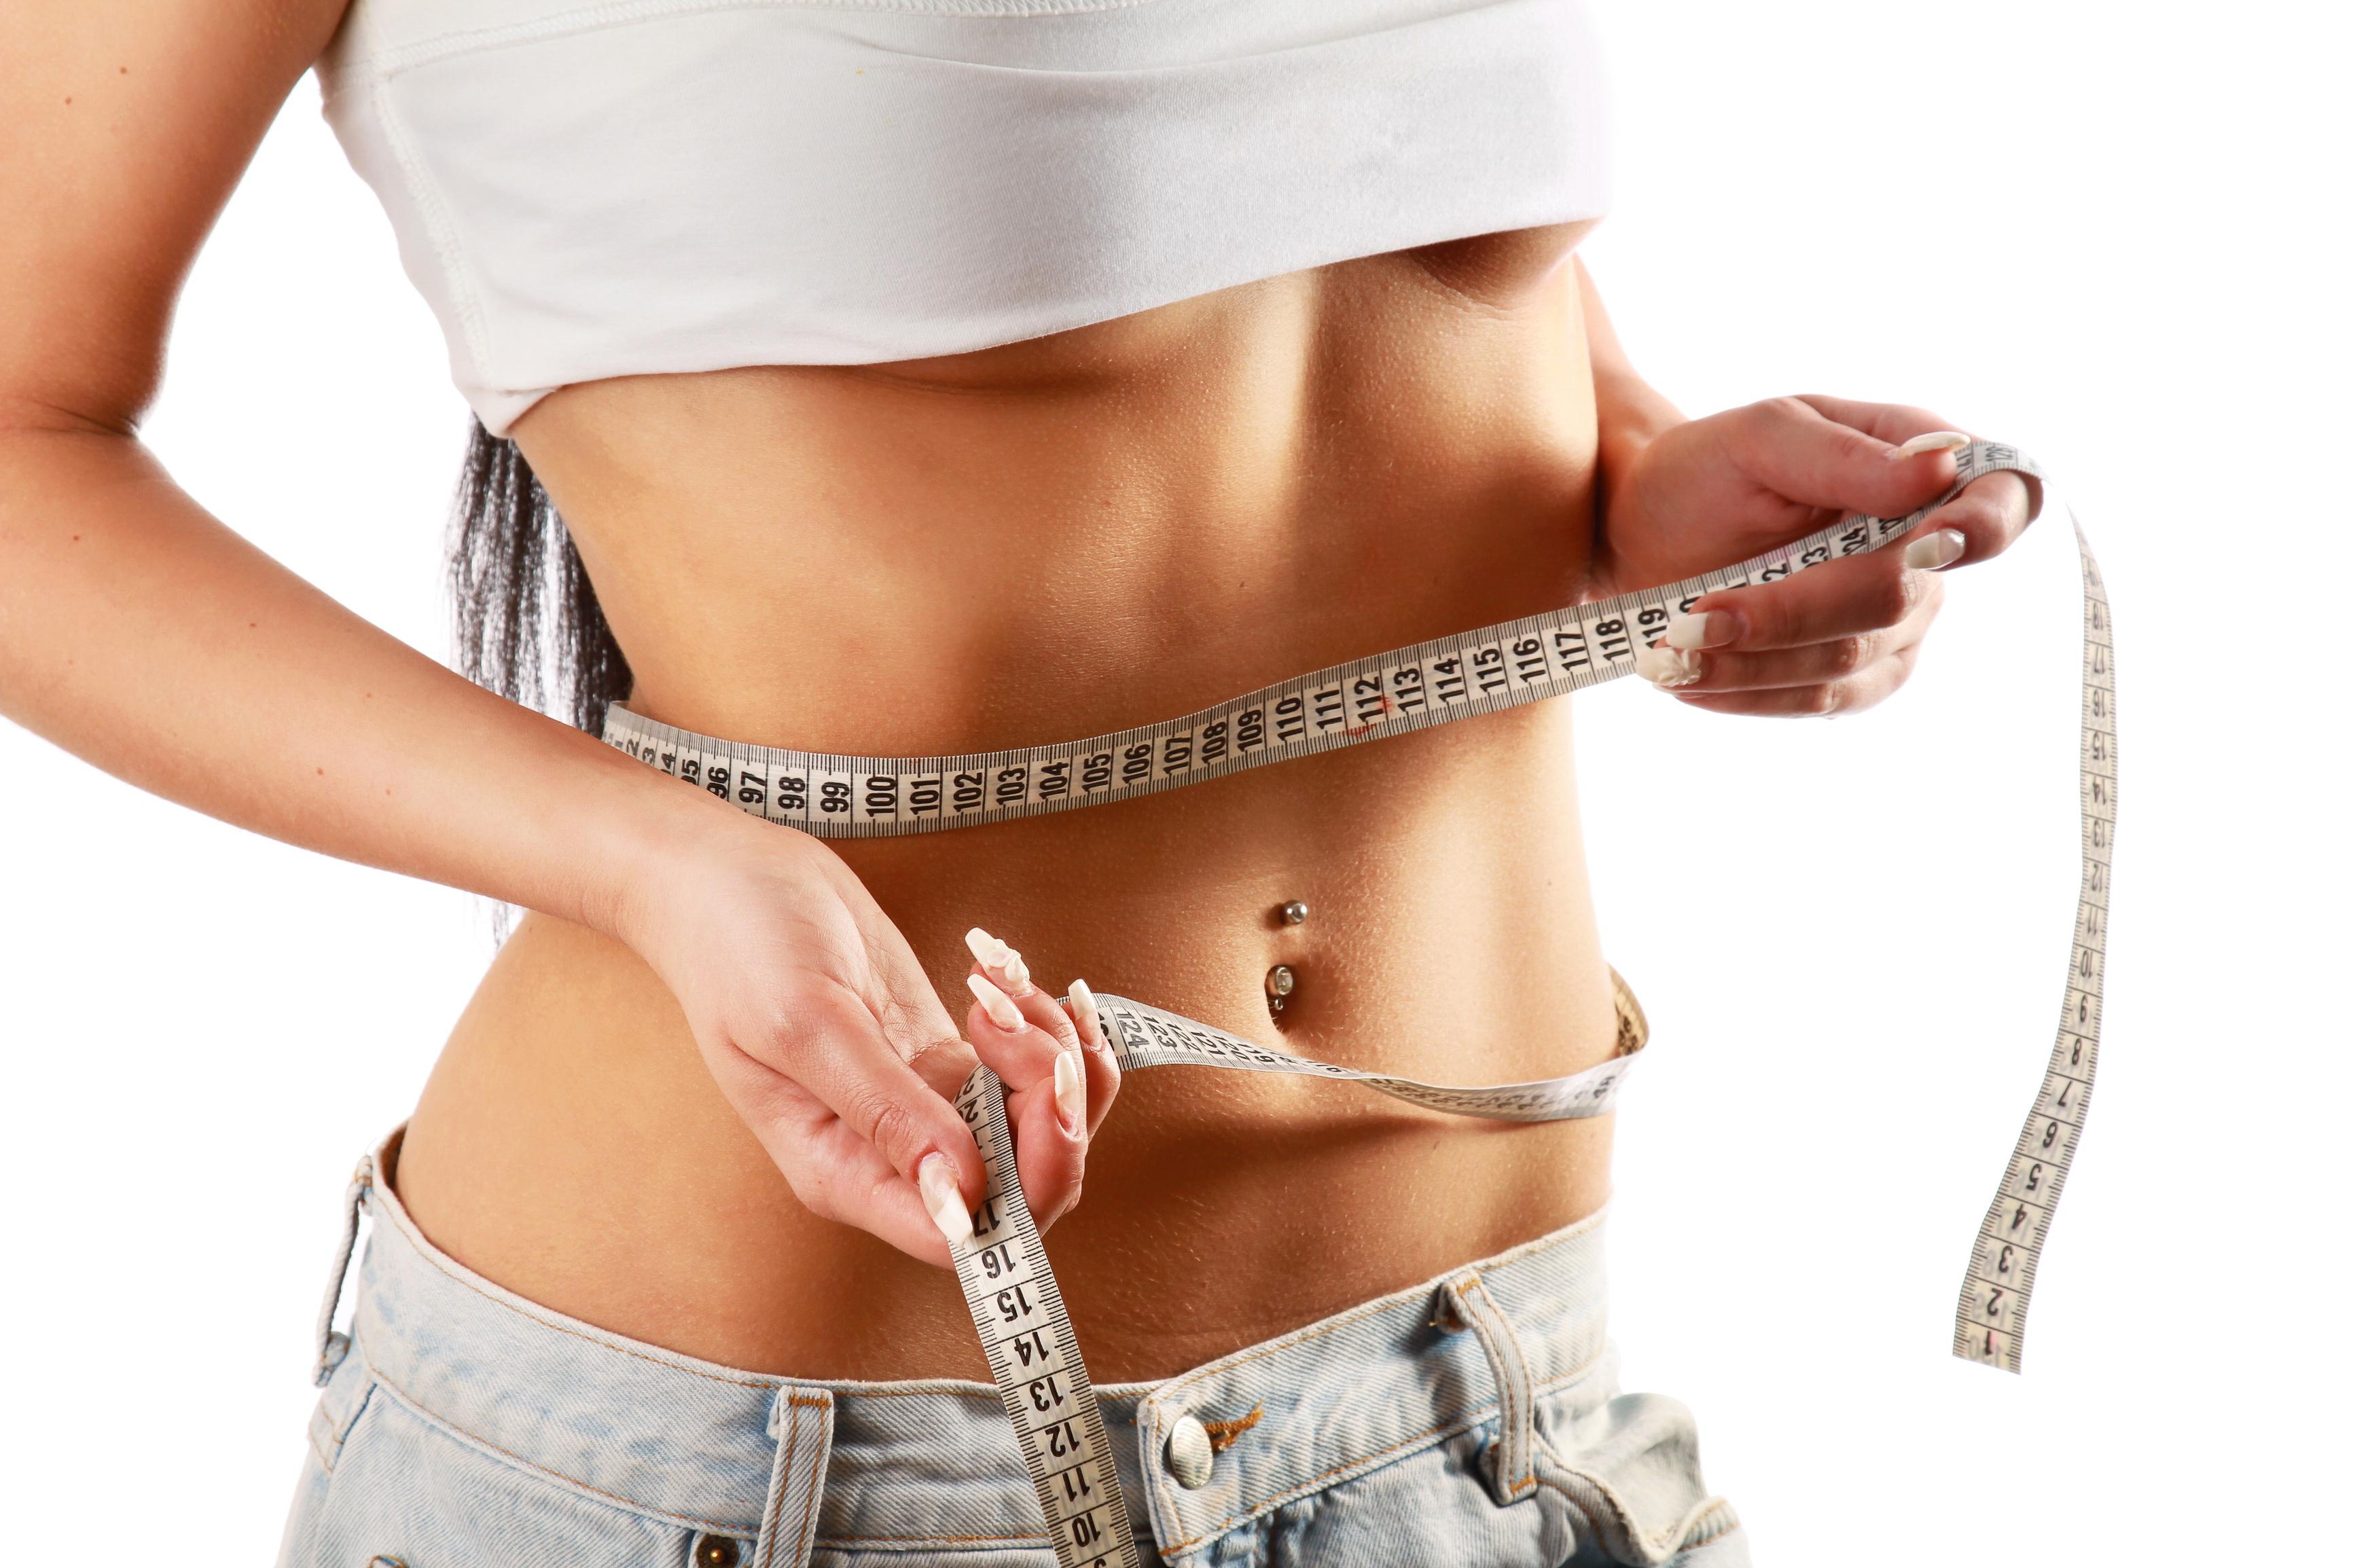 Помогают ли пластыри для похудения?